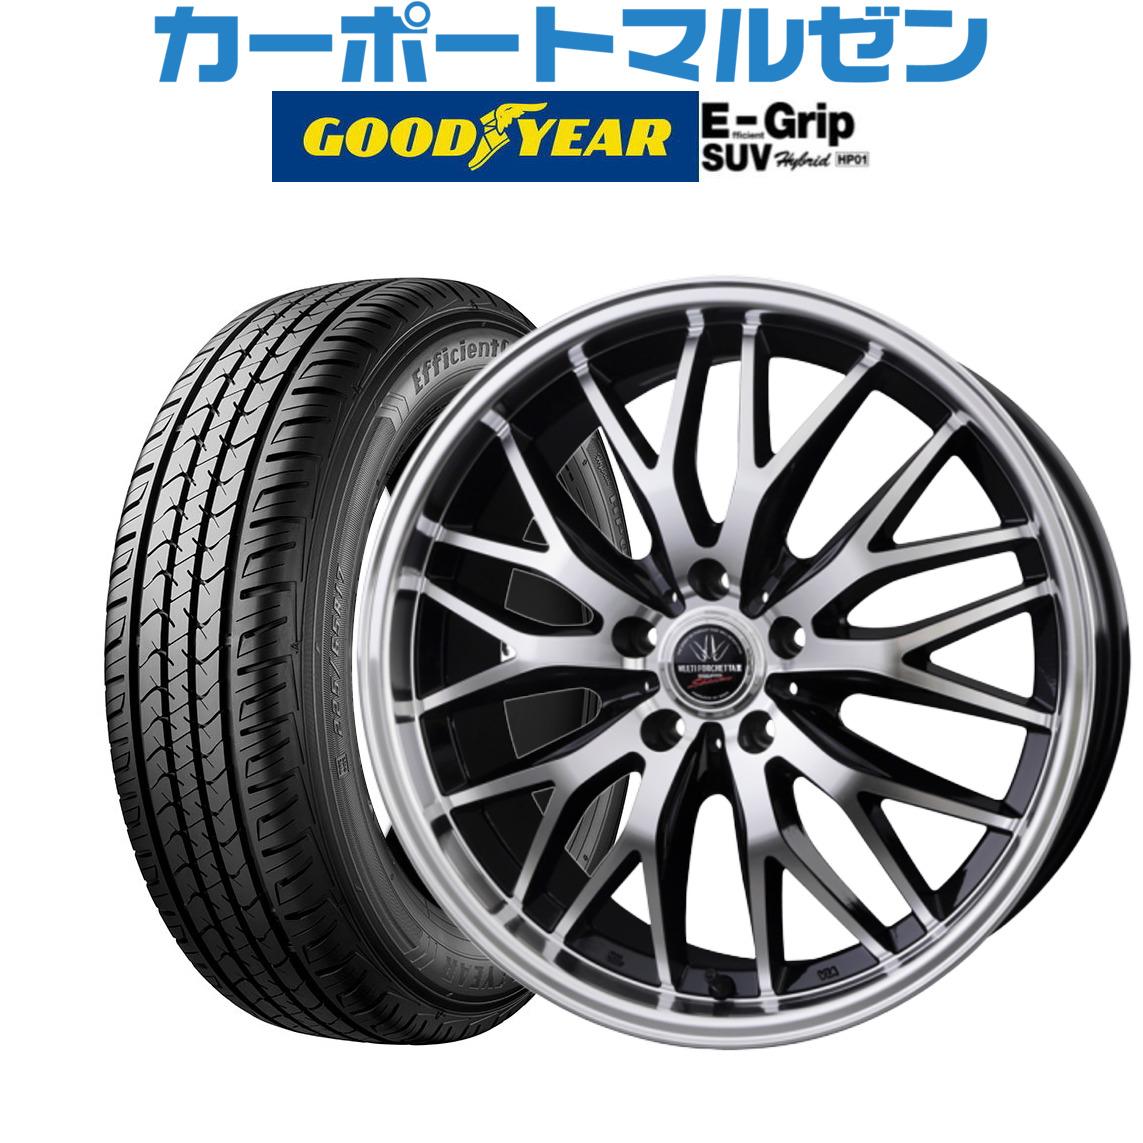 新品・送料無料・4本セットBADX HP01215/60R17 SUV ロクサーニ マルチフォルケッタ2 SP-SPECTORブラック/フェイスポリッシュ17インチ 7.0Jグッドイヤー エフィシエント 96H グリップ SUV HP01215/60R17 96H:803f3f4f --- easyacesynergy.com